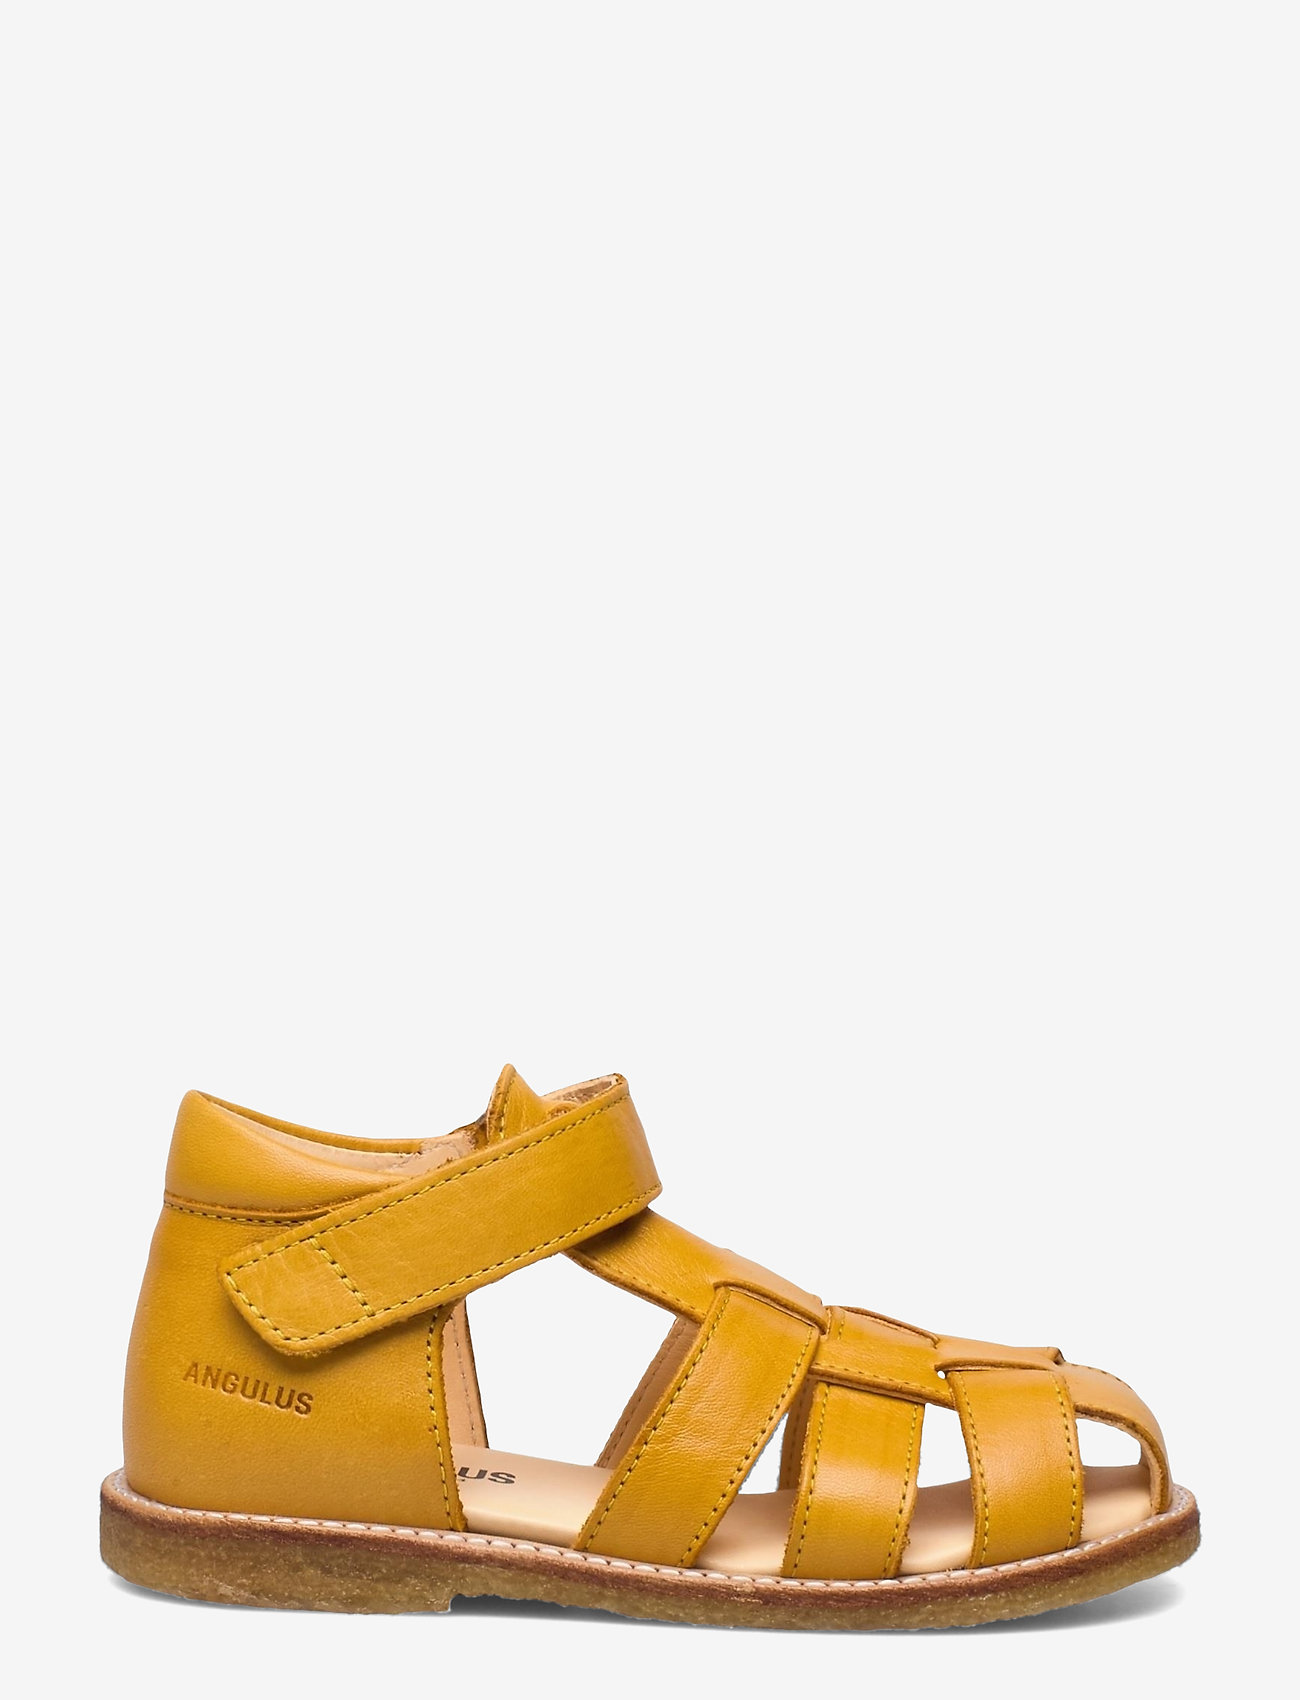 ANGULUS - Baby shoe - lauflernschuhe - 1544 yellow - 1